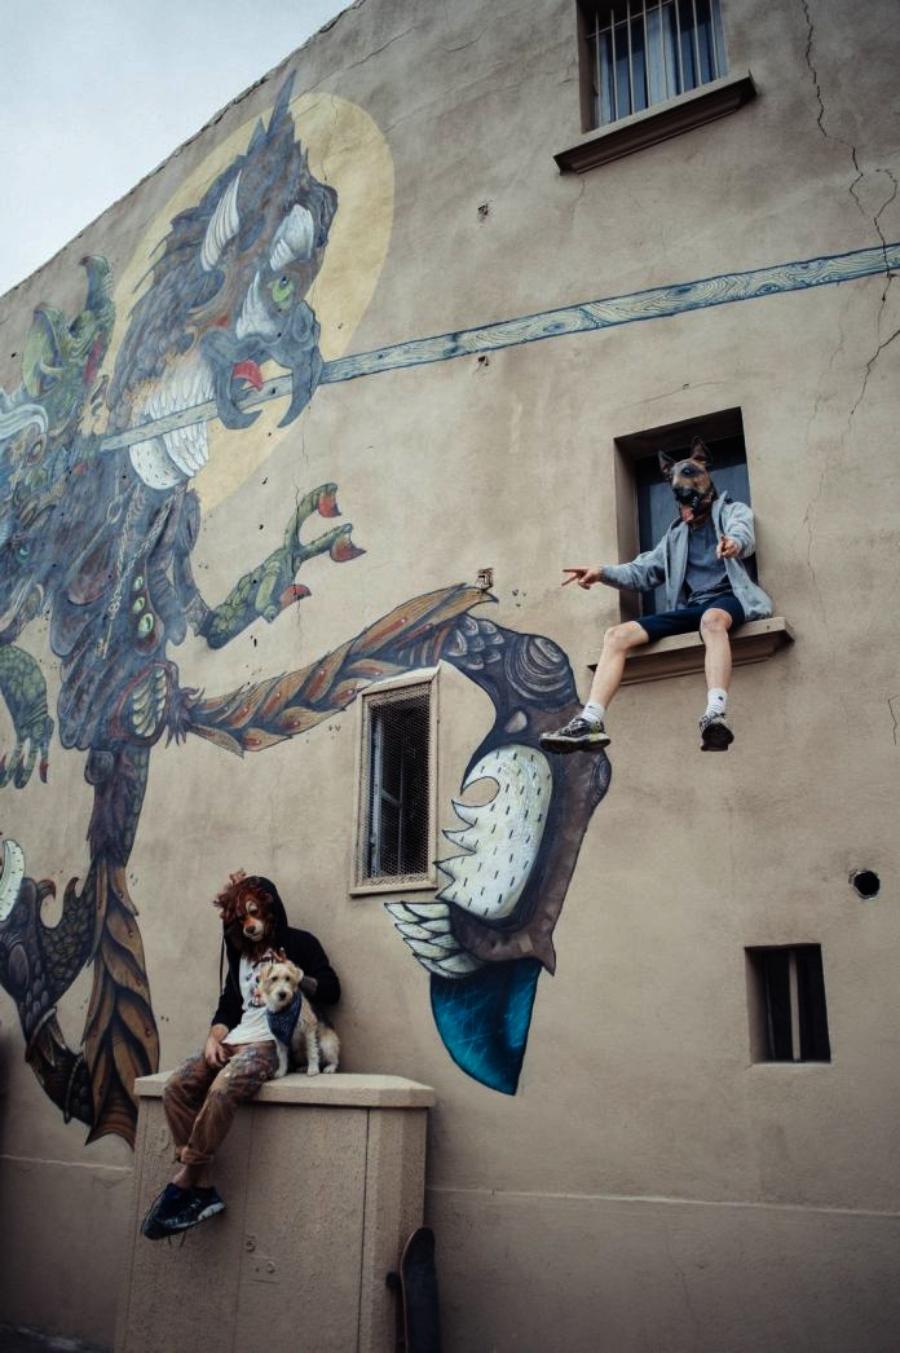 artista sentado en una escalera con mural al lado